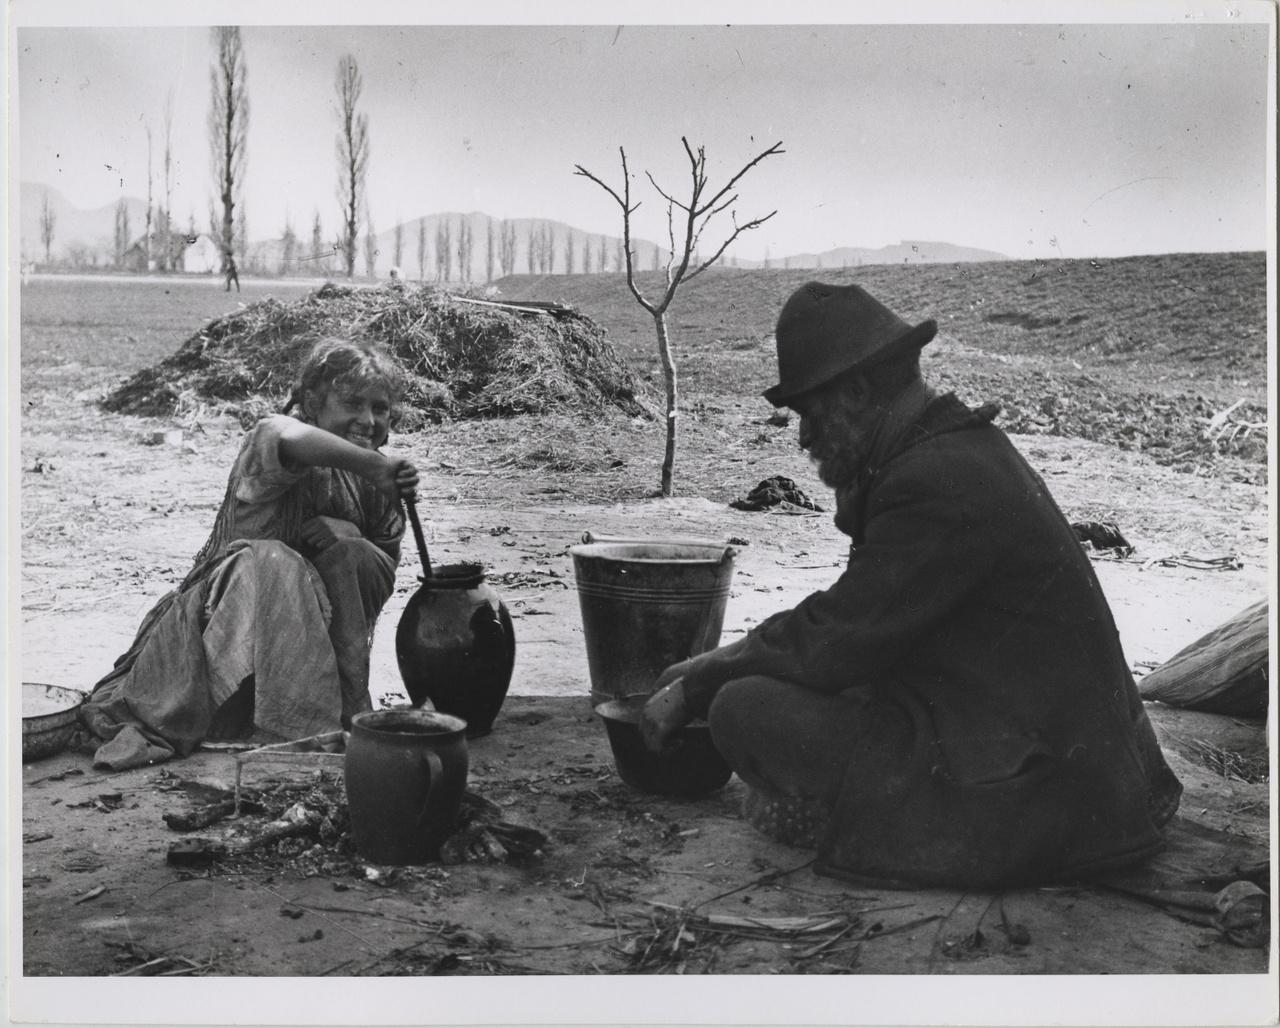 Cigány férfi a lányával főzés közben, Esztergom, 1917. június 27.